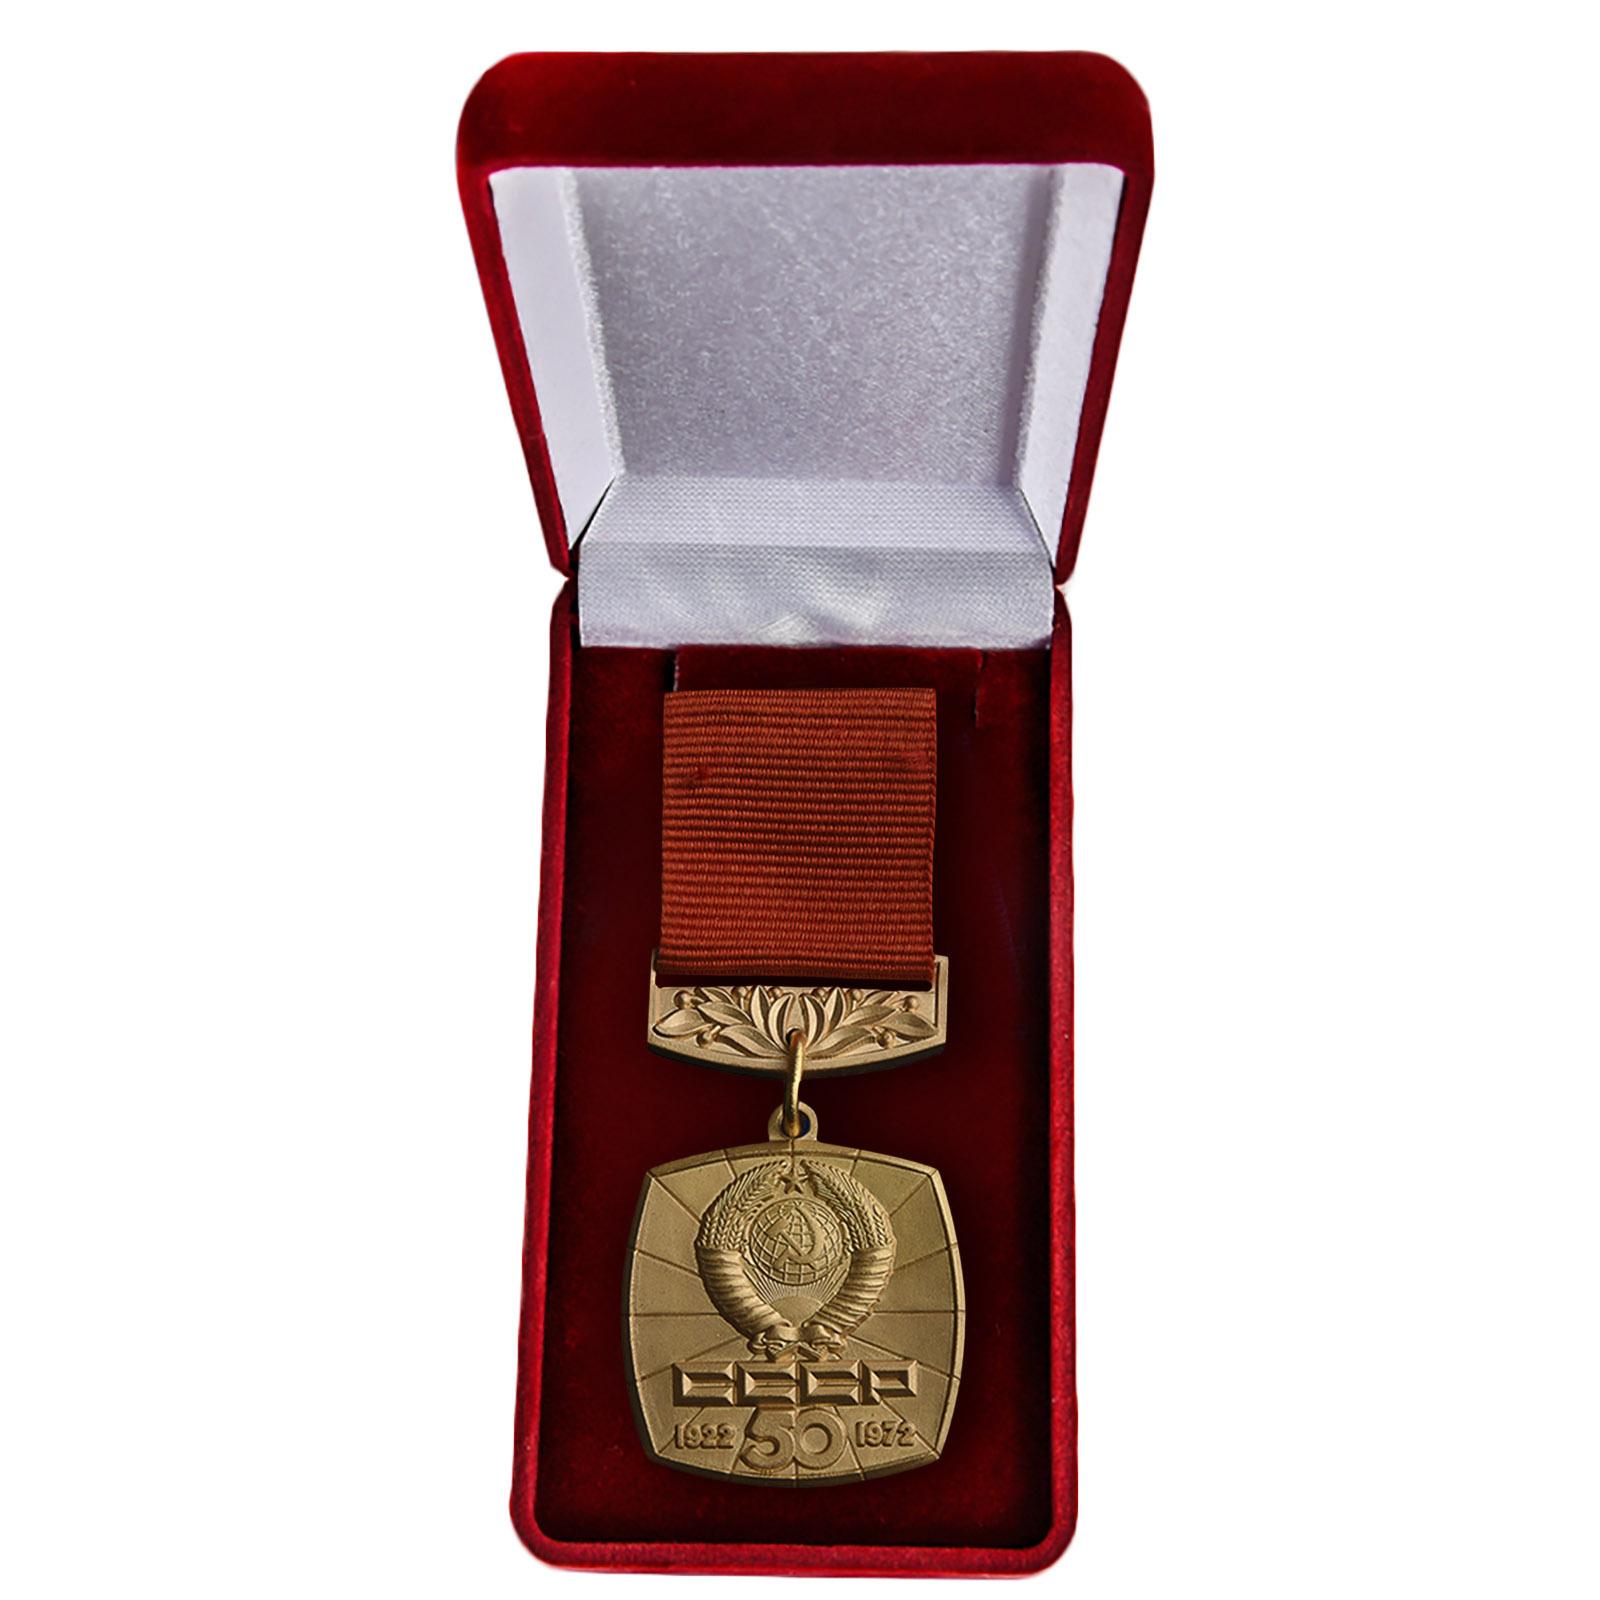 Знак Лауреата премии Ленинского Комсомола для коллекций